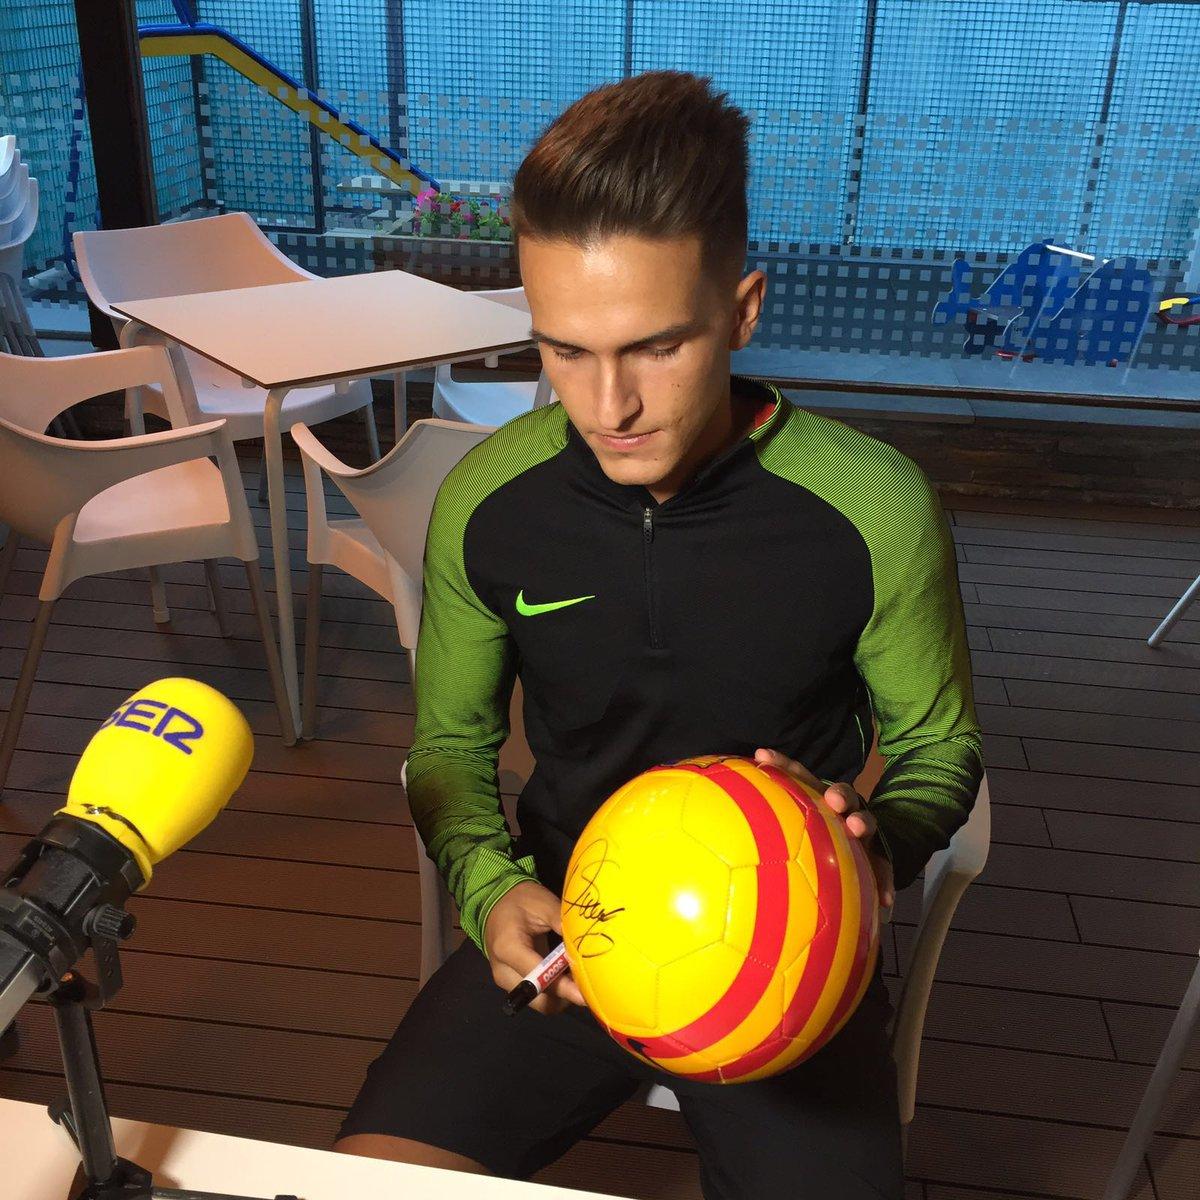 ‼ Feu RT + FOLLOW per guanyar aquesta pilota firmada per @DenisSuarez36 ⚽